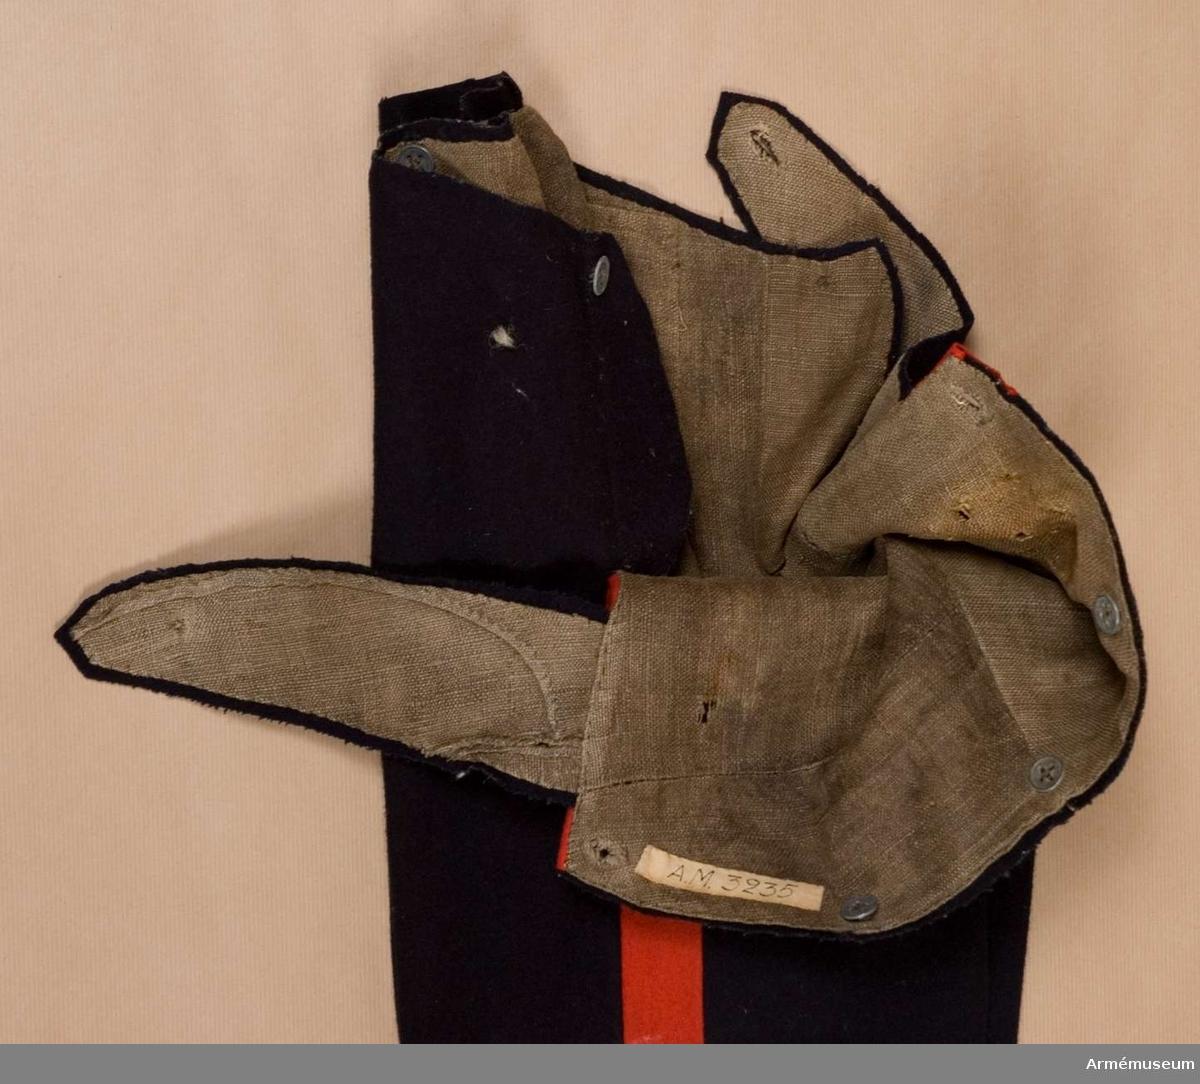 Grupp C I. Ur uniform för manskap vid K. Västgöta regemente 1822-1835.2. Byxor 1), fastställd enligt g.o. 12/12 1821 (infanteriet allmänt)1) Tillverkade av 2 st valltrapper för underoff. och manskapshäst. Tidigare 1878-96 här ett par linnebyxor från KAID 24/11 1878, vilka 1896 överfördes till övertaliga G.